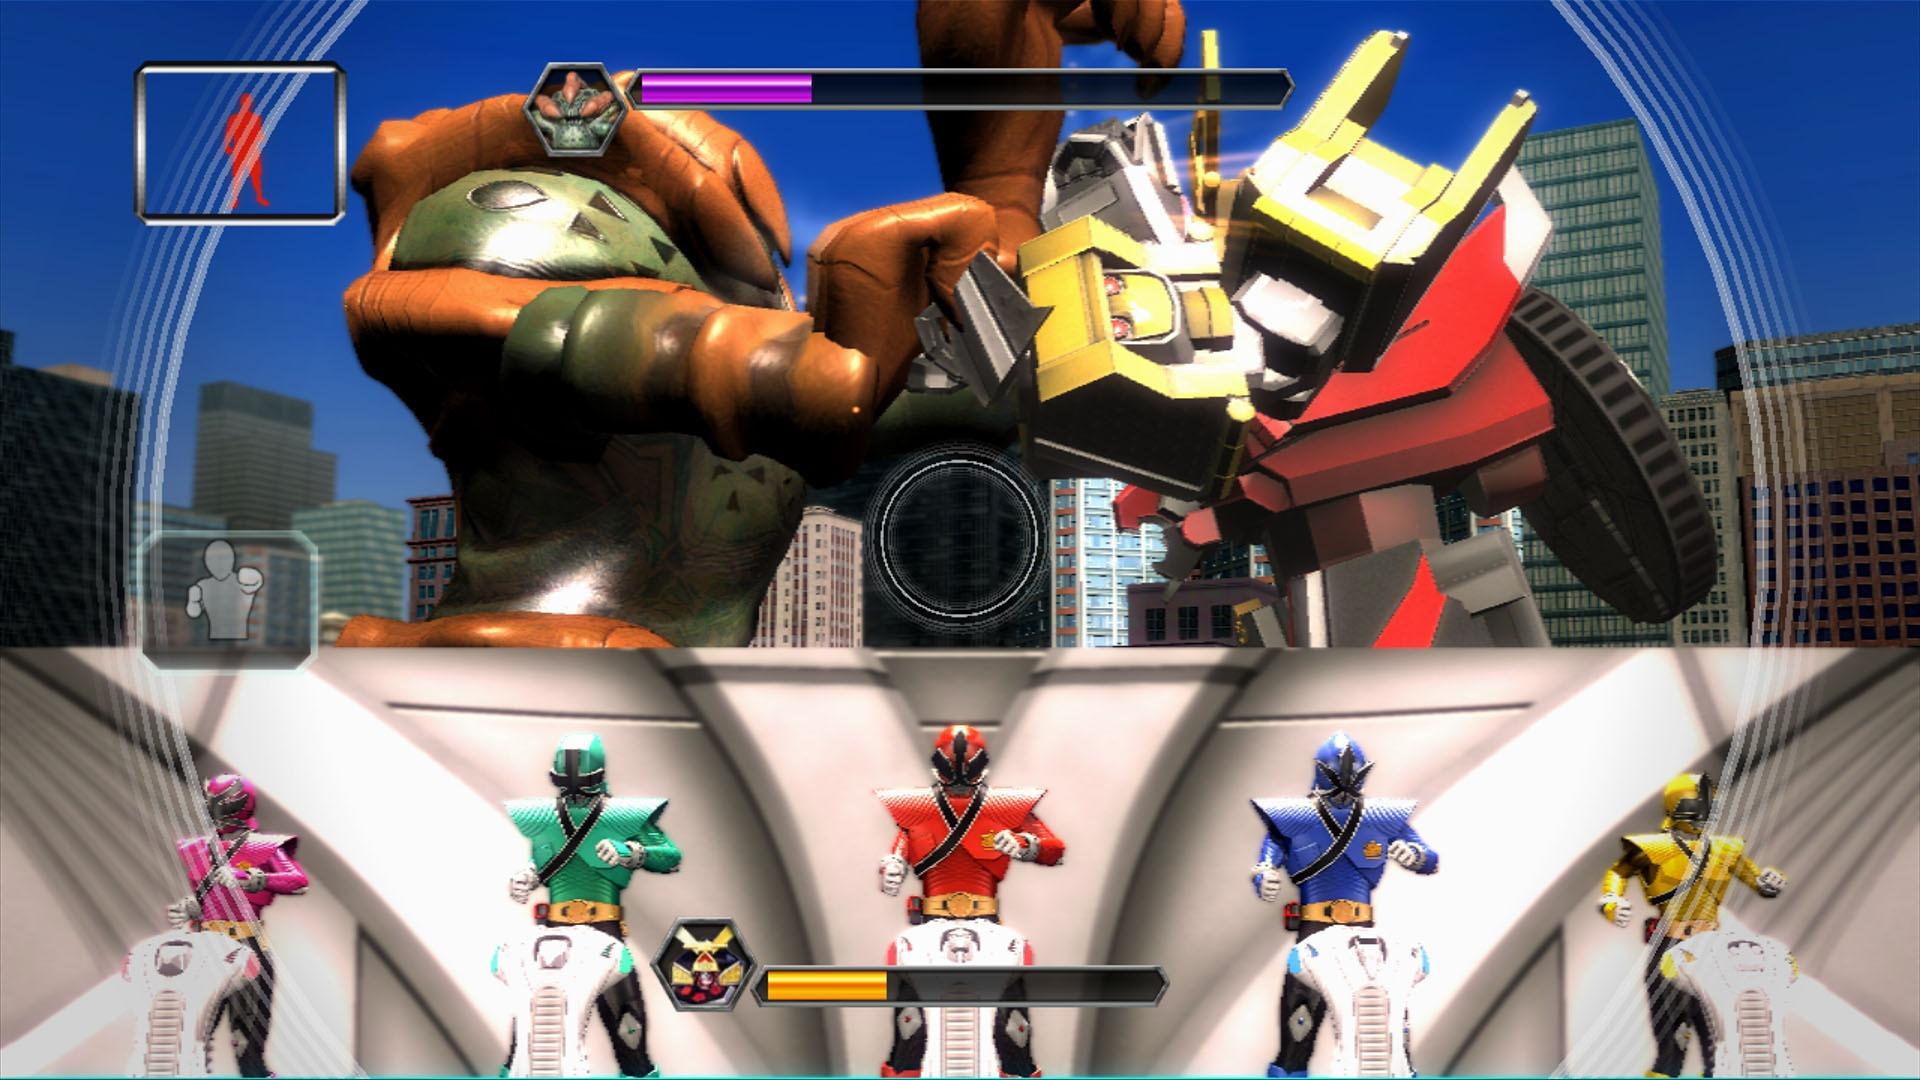 Novas imagens de Power Rangers Super Samurai Kinect